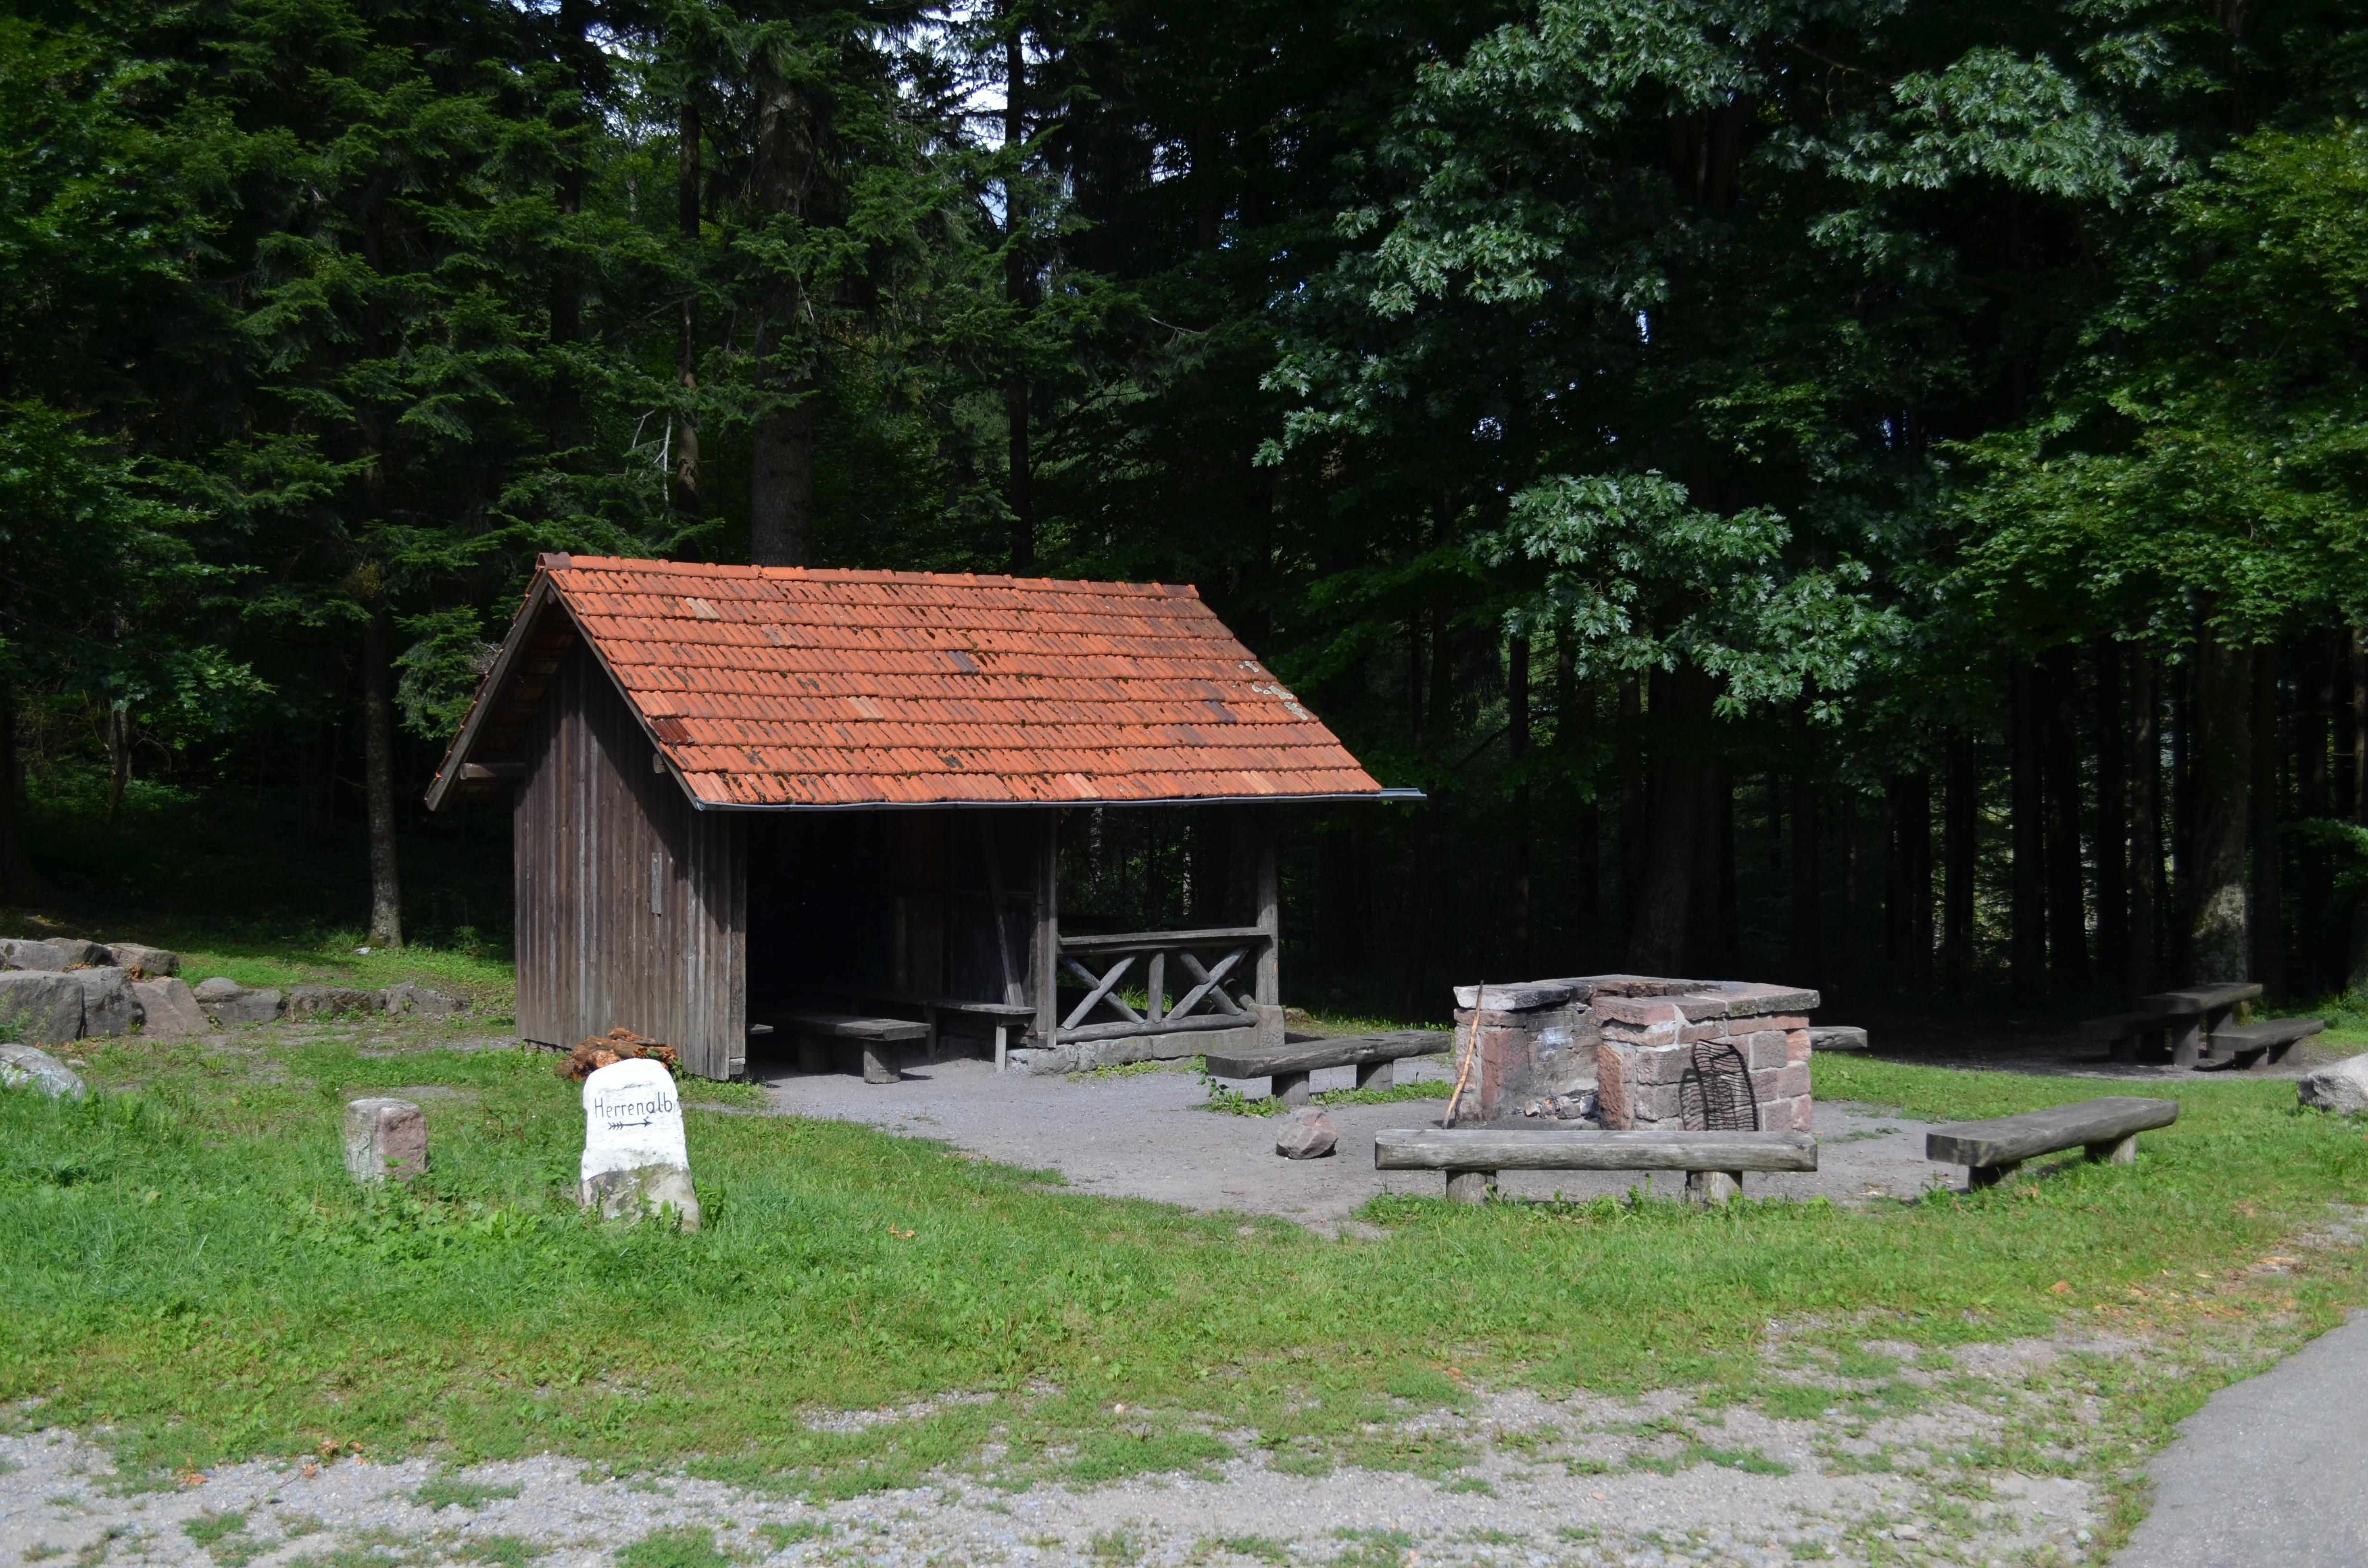 Hirschwinkelhütte